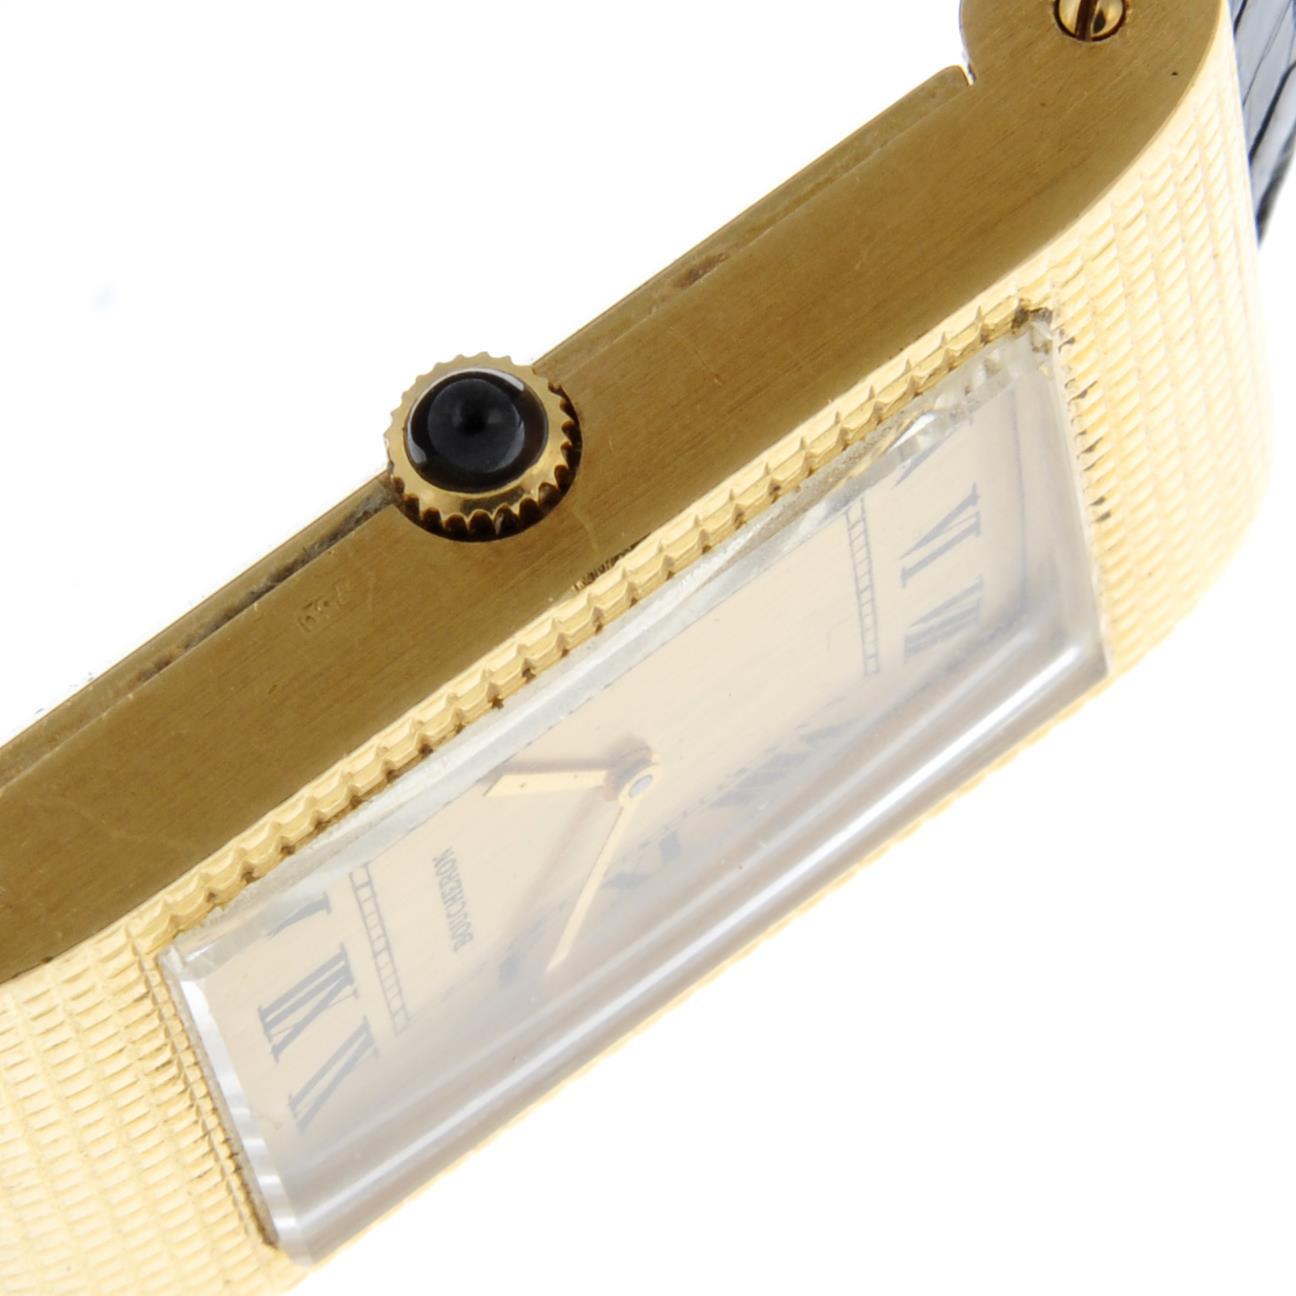 BOUCHERON - a Reflet wrist watch. - Image 5 of 6